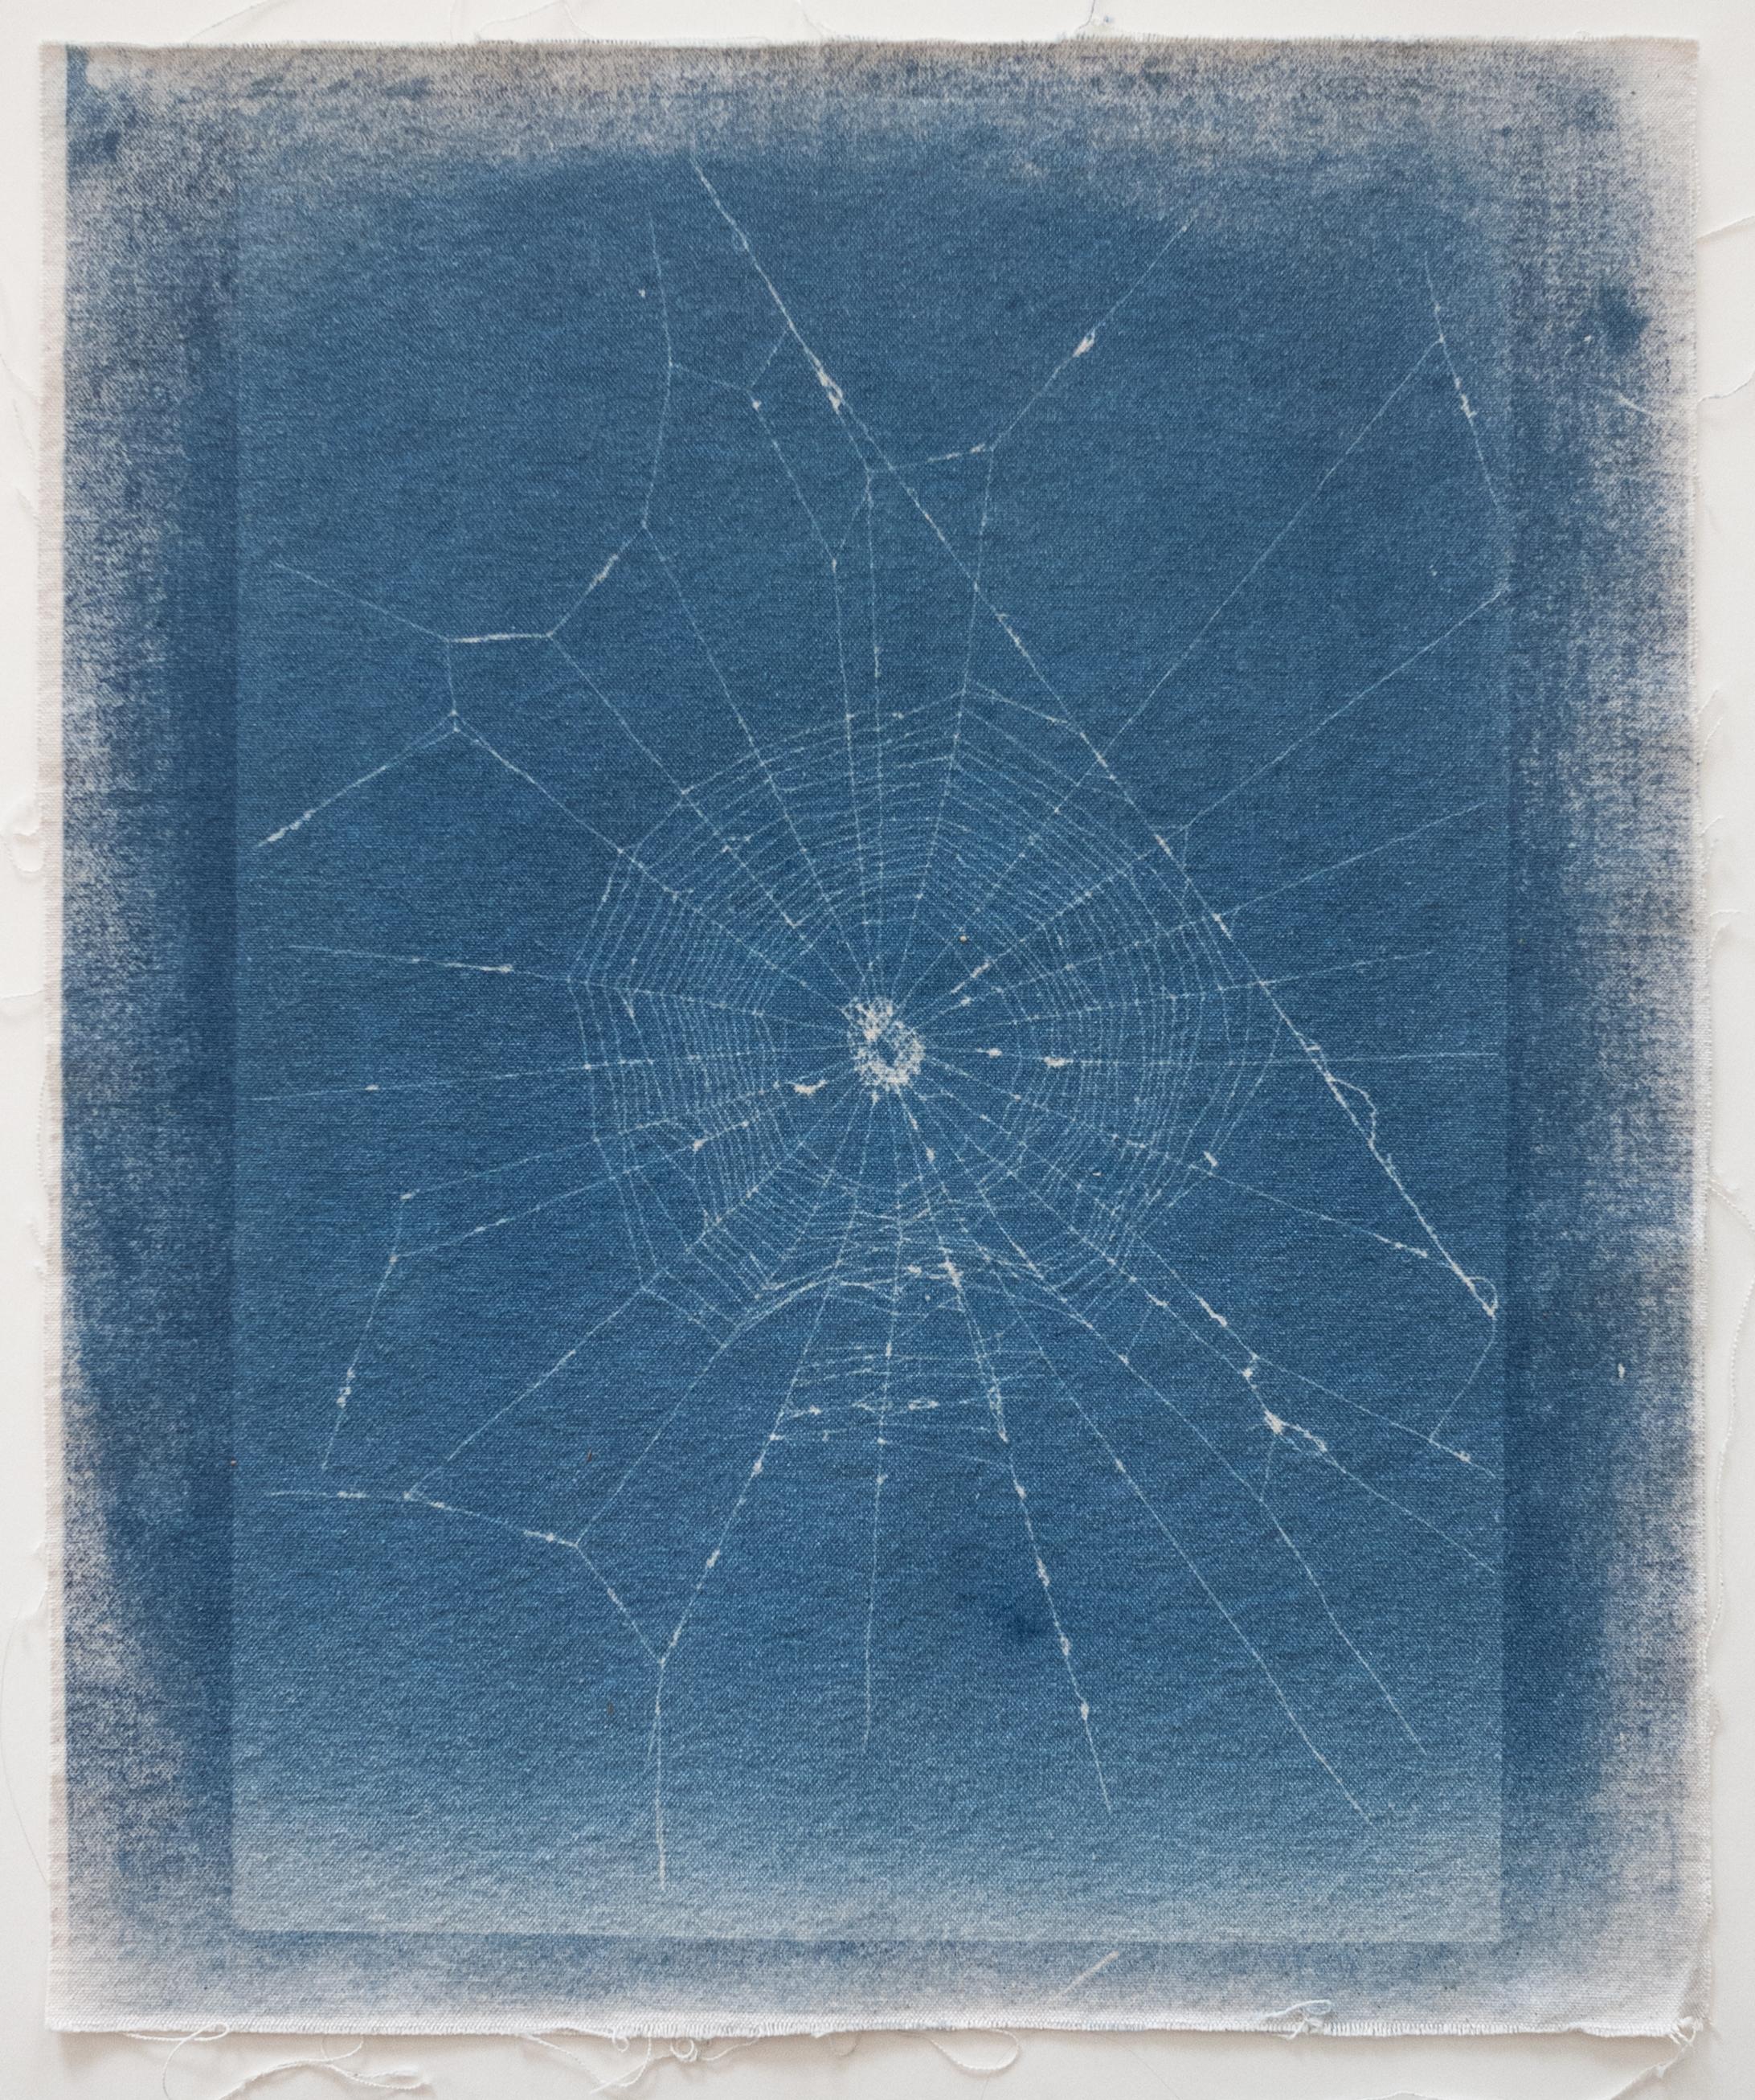 03_Webs-03.jpg